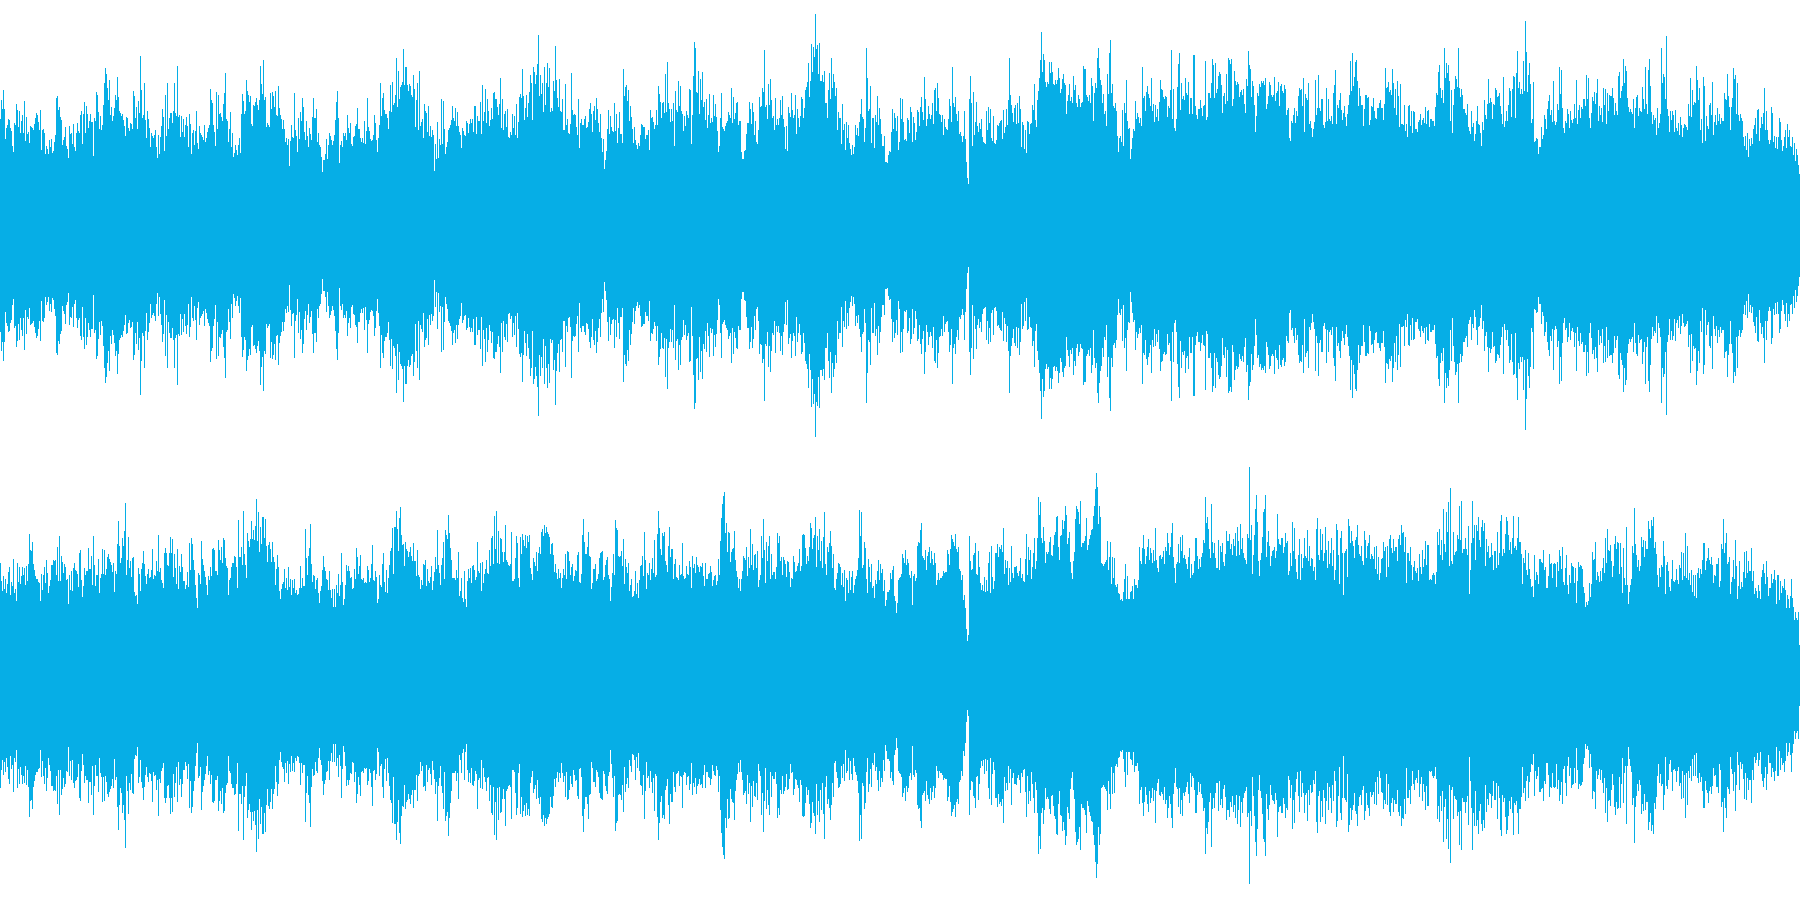 雪山、雪国のフィールドBGMの再生済みの波形